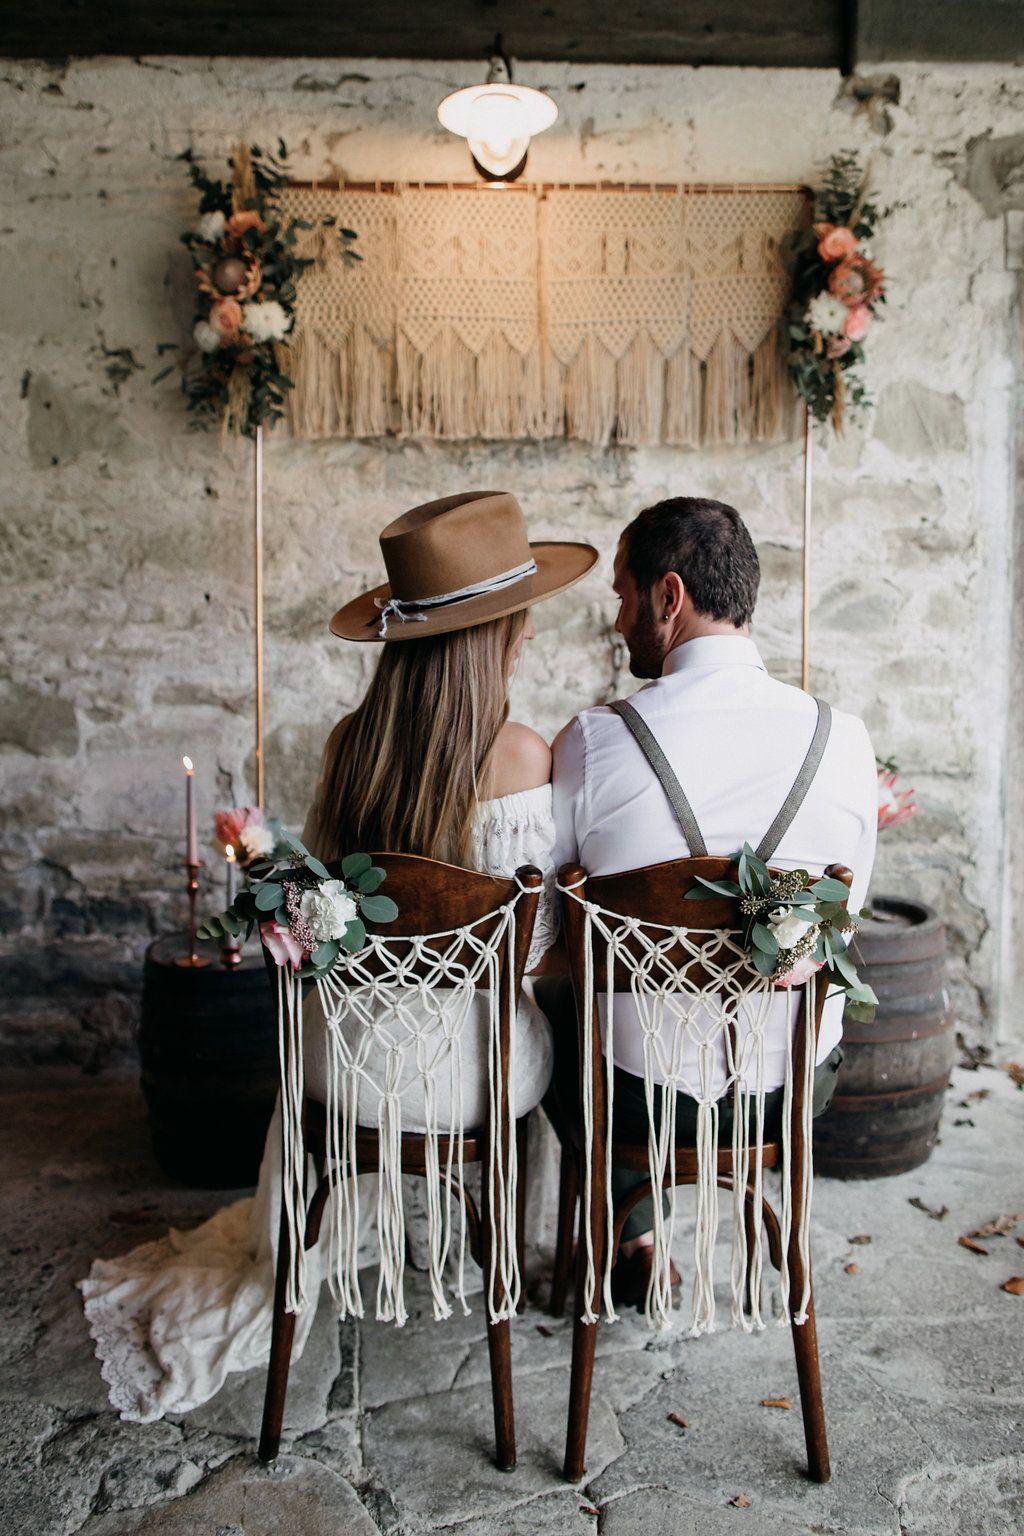 Rustikale Inspirationen Fur Die Boho Hochzeit Hochzeitsblog The Little Wedding Corner Boho Hochzeit Hochzeitsdeko Hochzeit